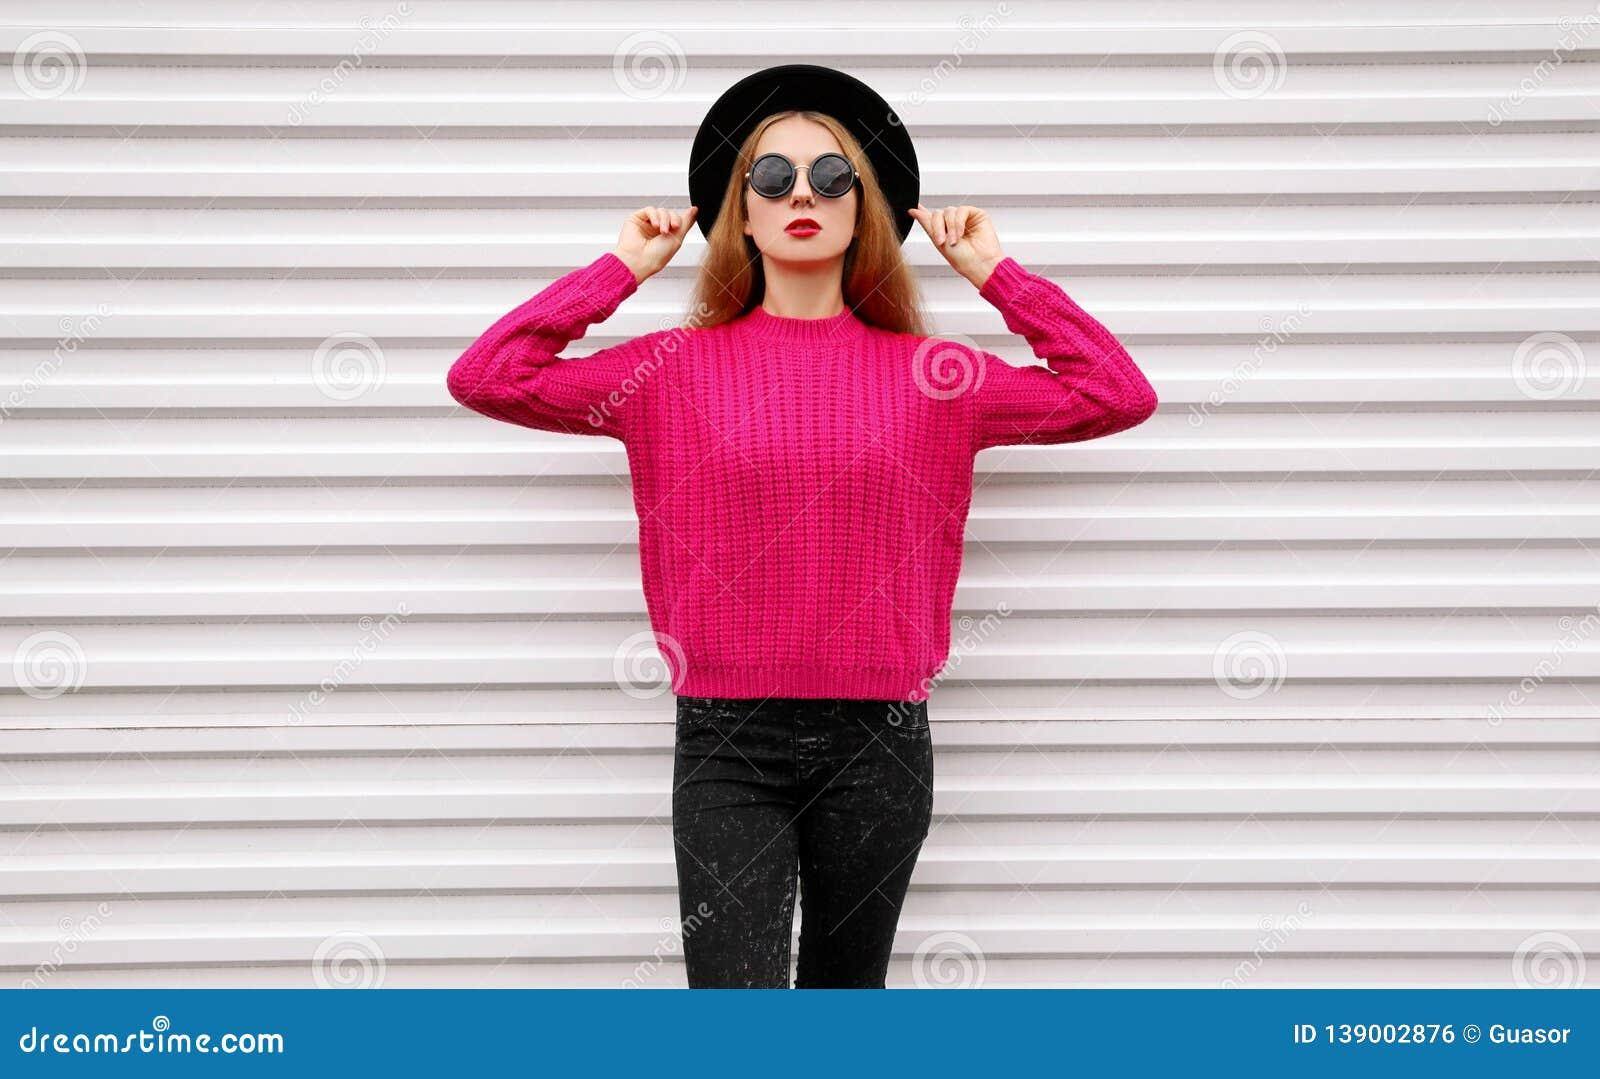 Eleganckiej ładnej kobiety wzorcowy pozować w kolorowych menchiach dział pulower, czarny round kapelusz na biel ścianie